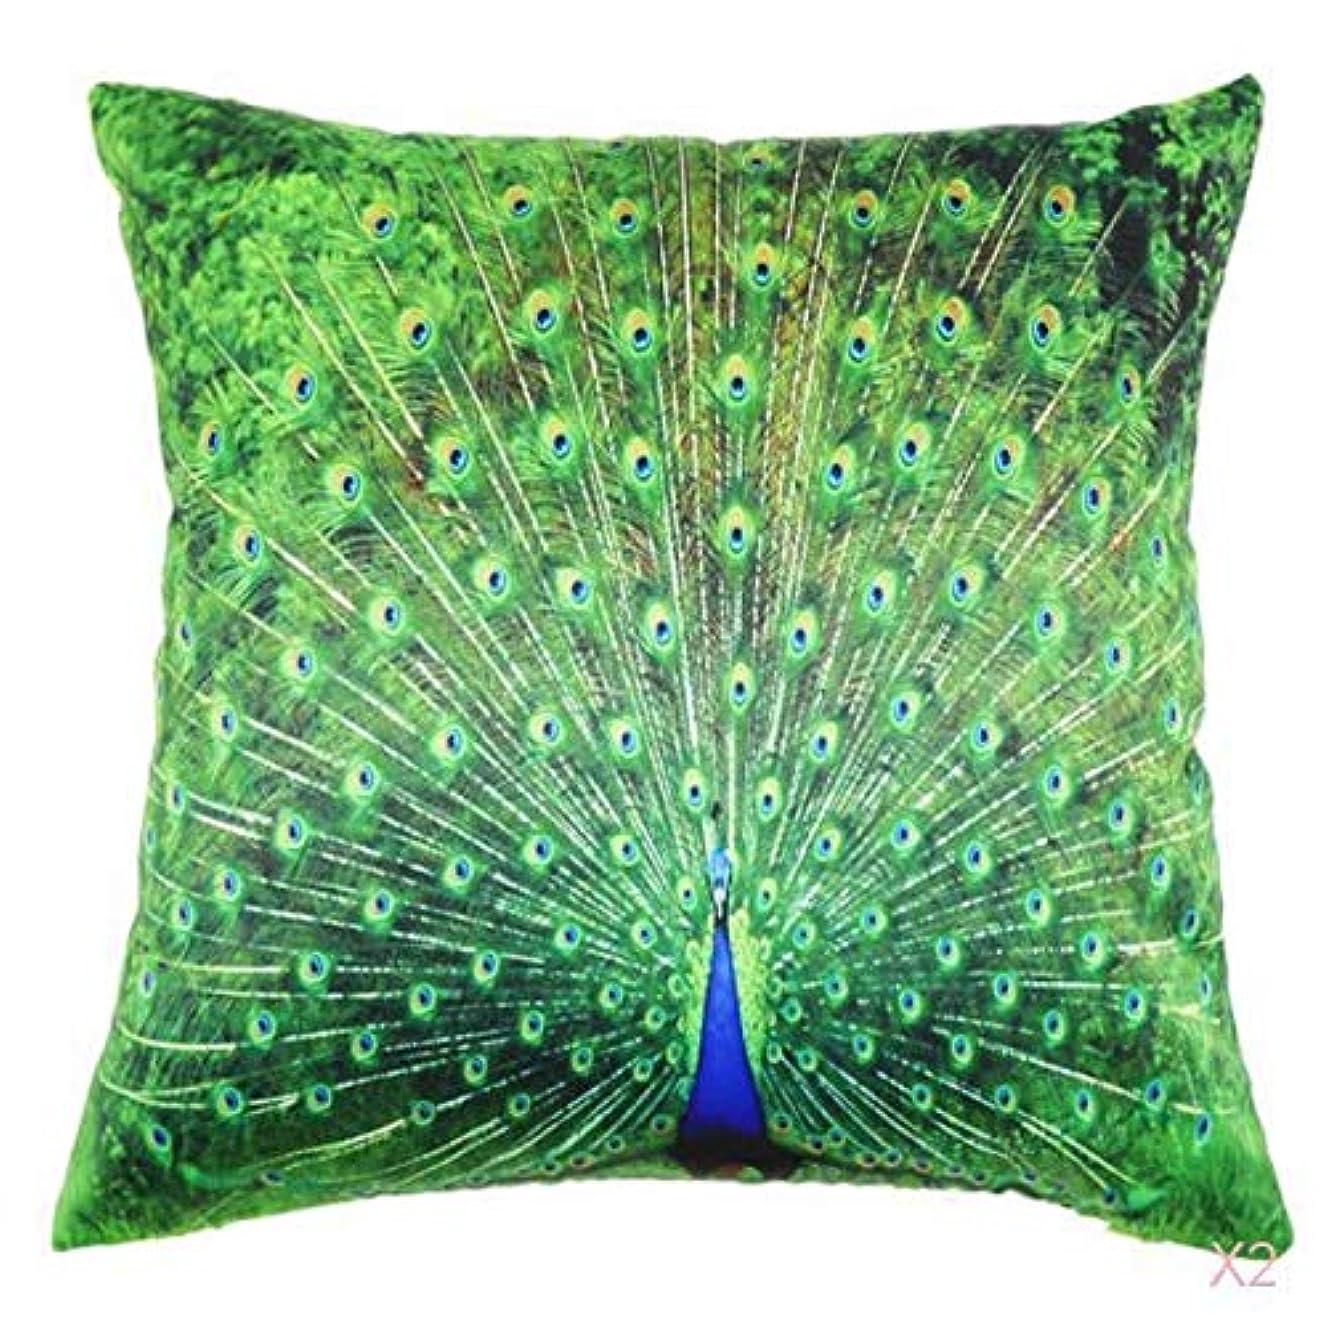 エトナ山レシピブラスト45センチメートル家の装飾スロー枕カバークッションカバーヴィンテージ孔雀のパターン04